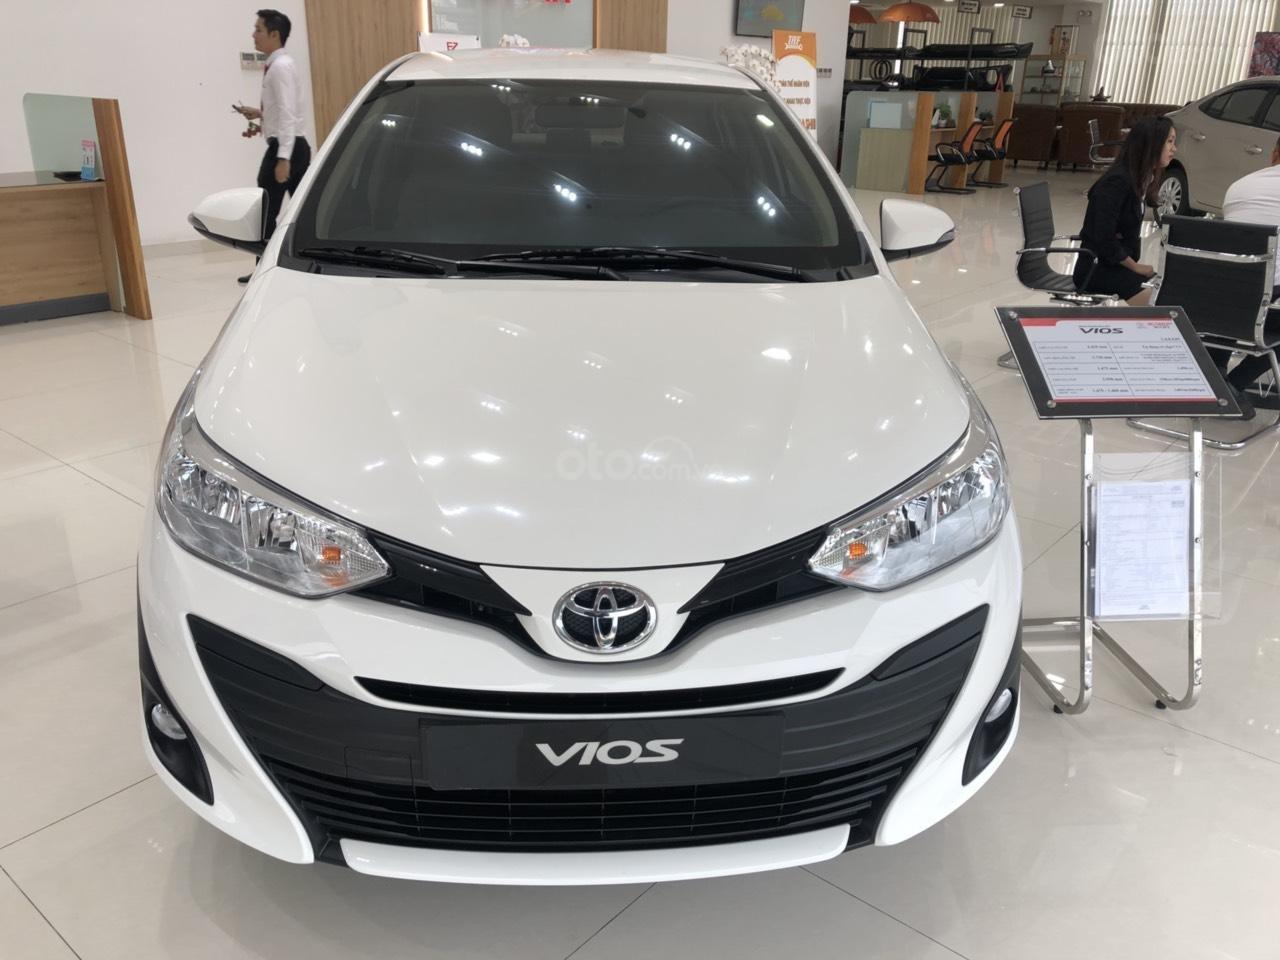 Bán Toyota Vios 1.5E CVT 2020 - bán trả góp - trả 130tr nhận ngay xe (1)